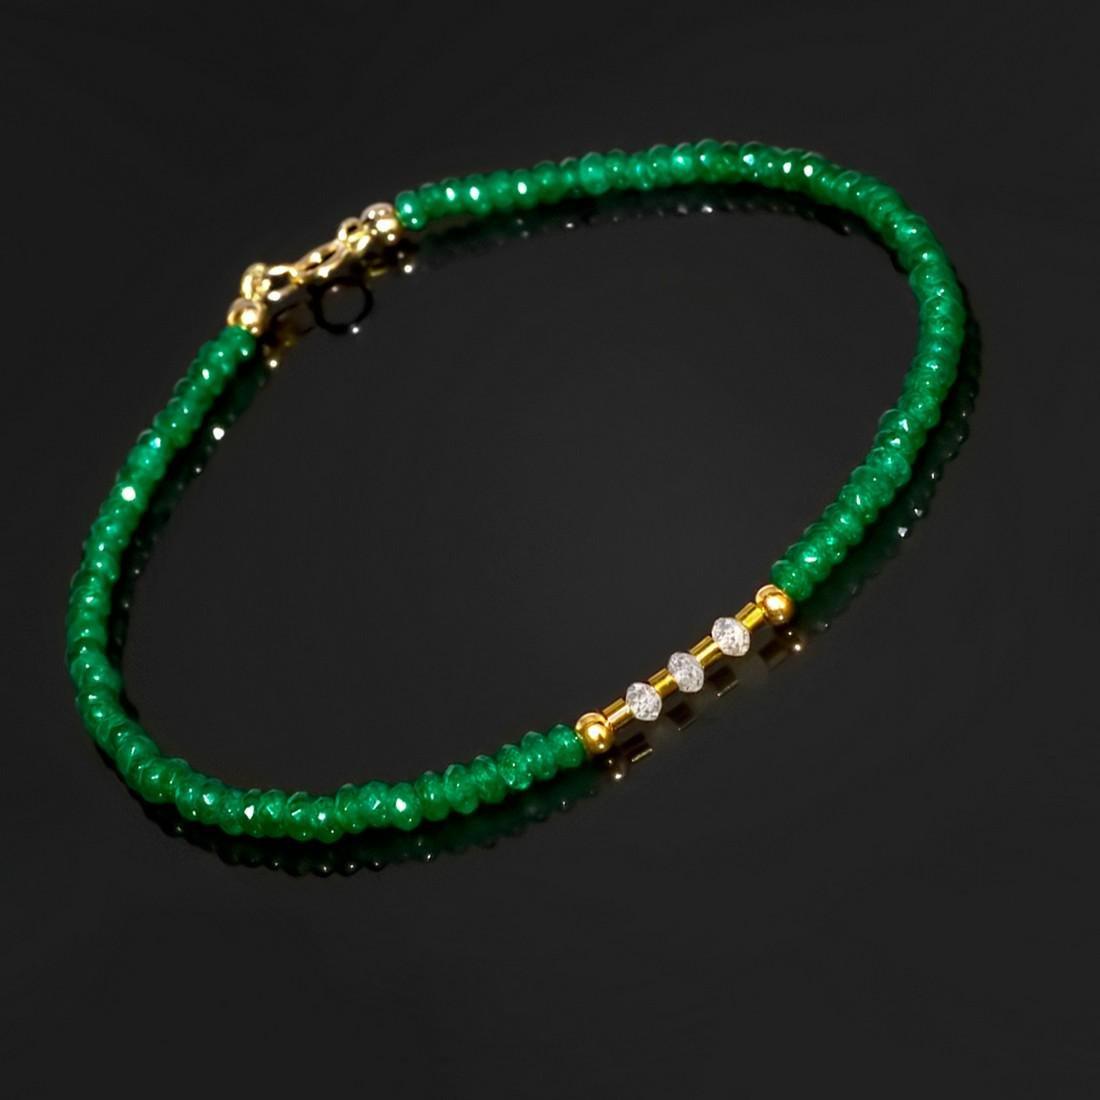 14K Precious Jadeite Jade bracelet with Diamonds 0.2 - 4